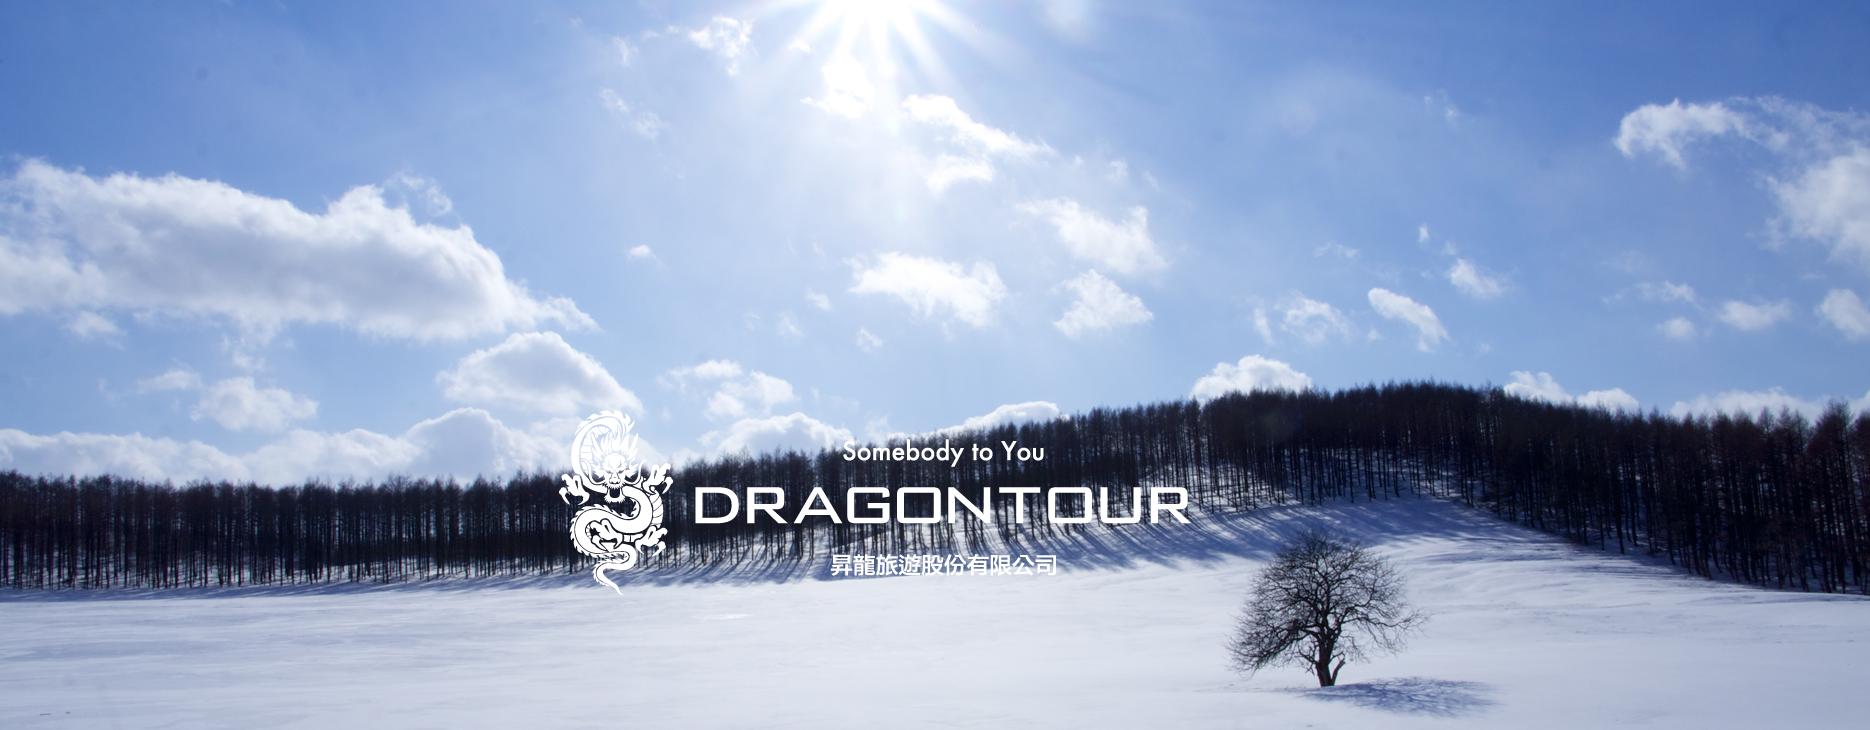 ドラゴンツアー